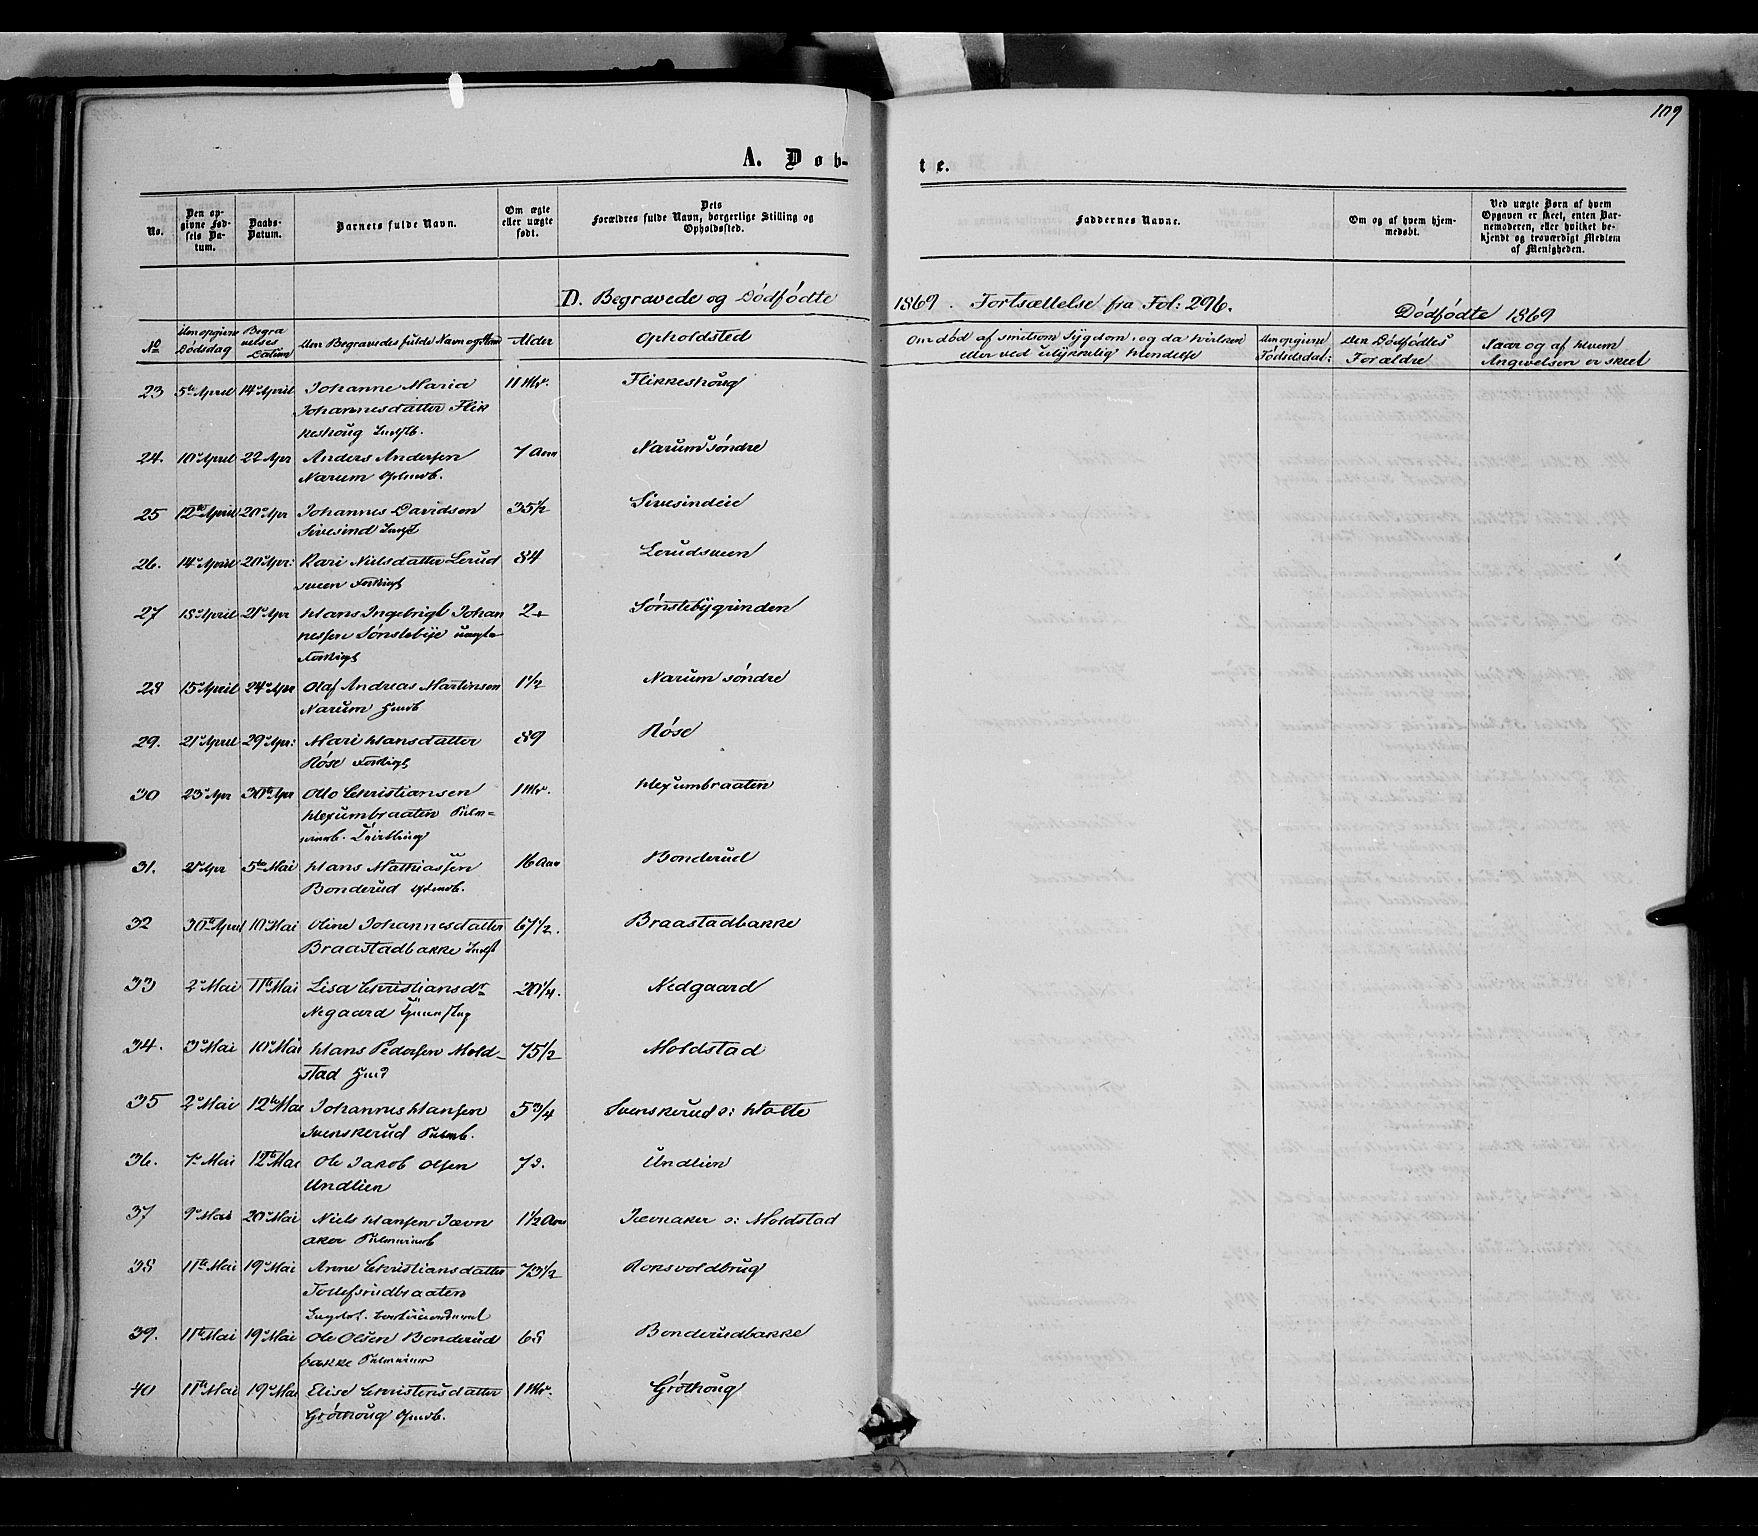 SAH, Vestre Toten prestekontor, Ministerialbok nr. 7, 1862-1869, s. 109